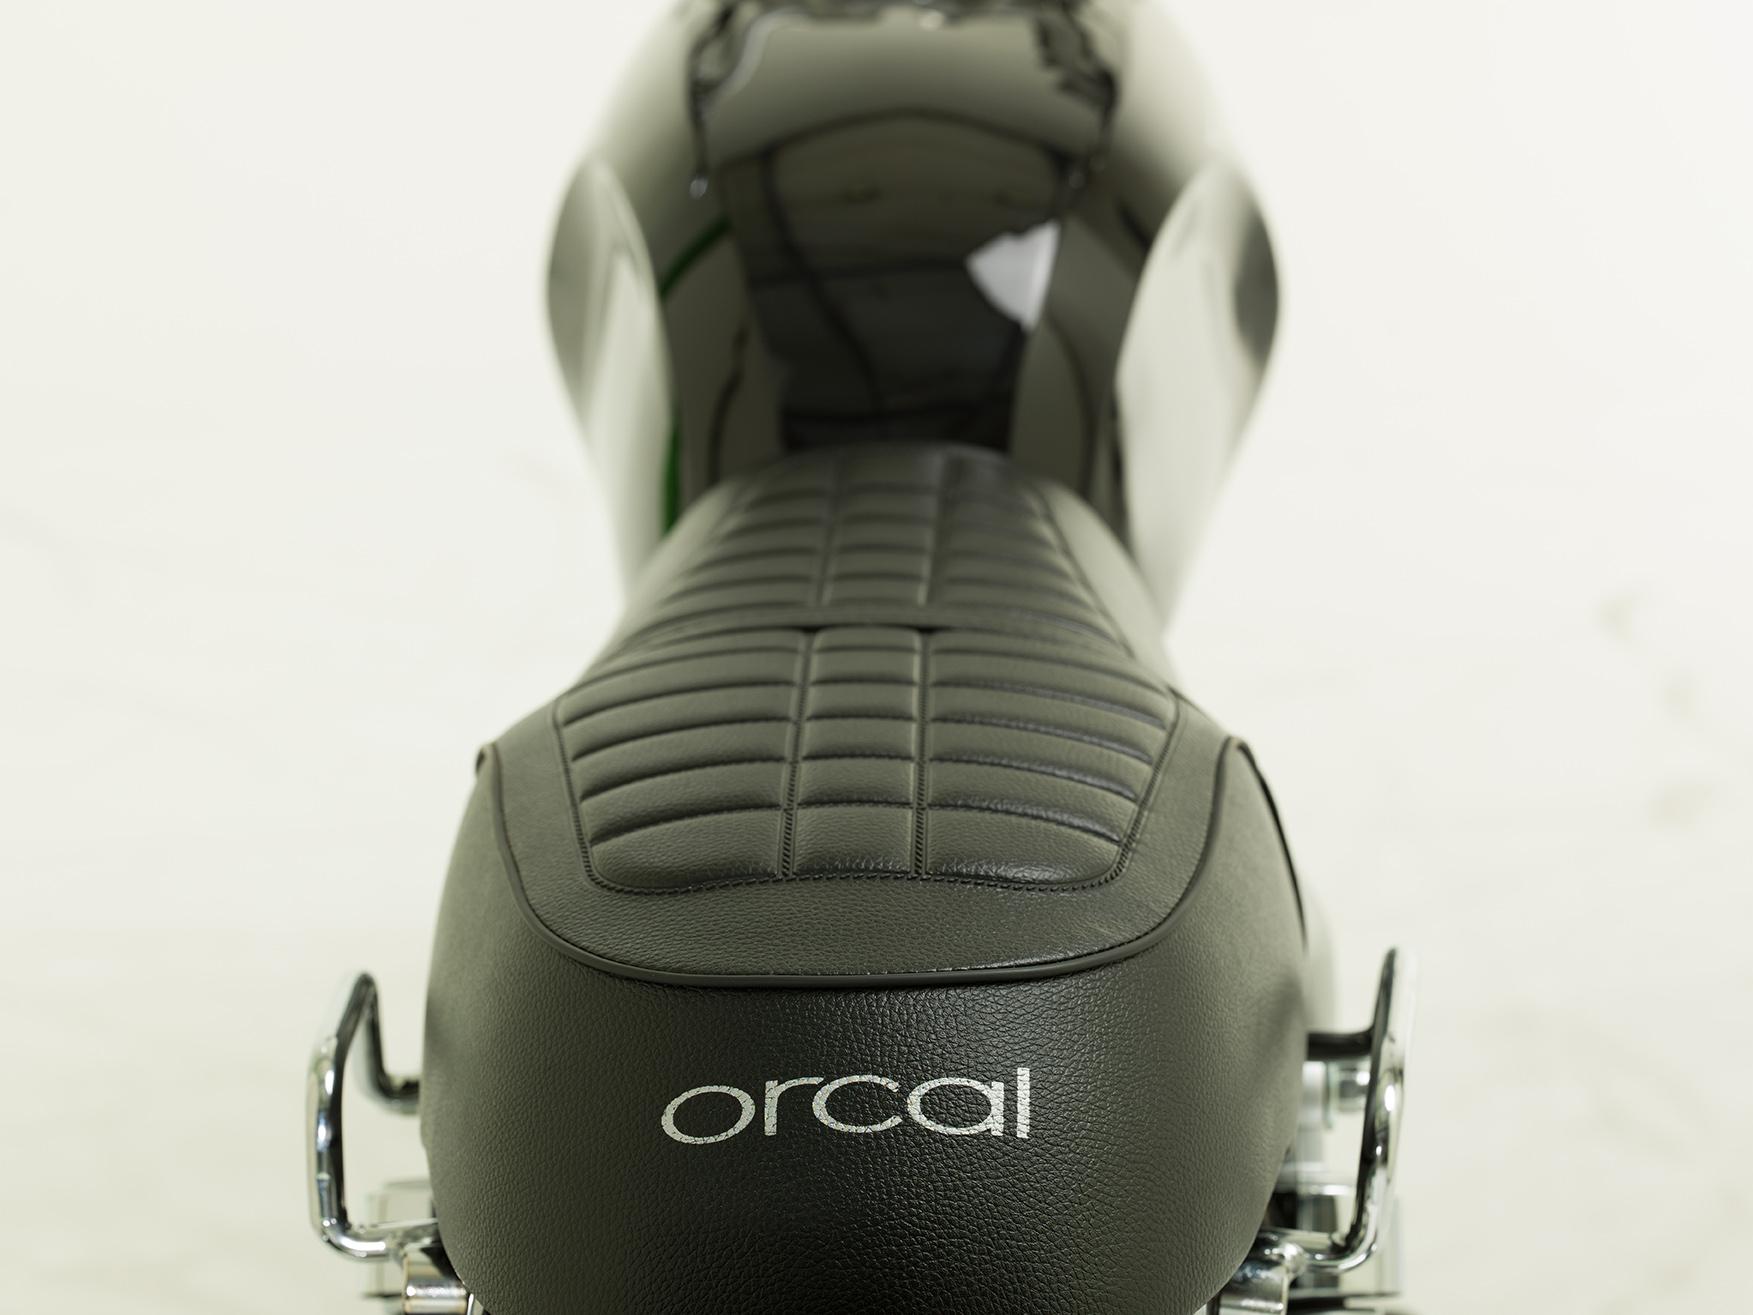 Orcal-Astor-125-cc